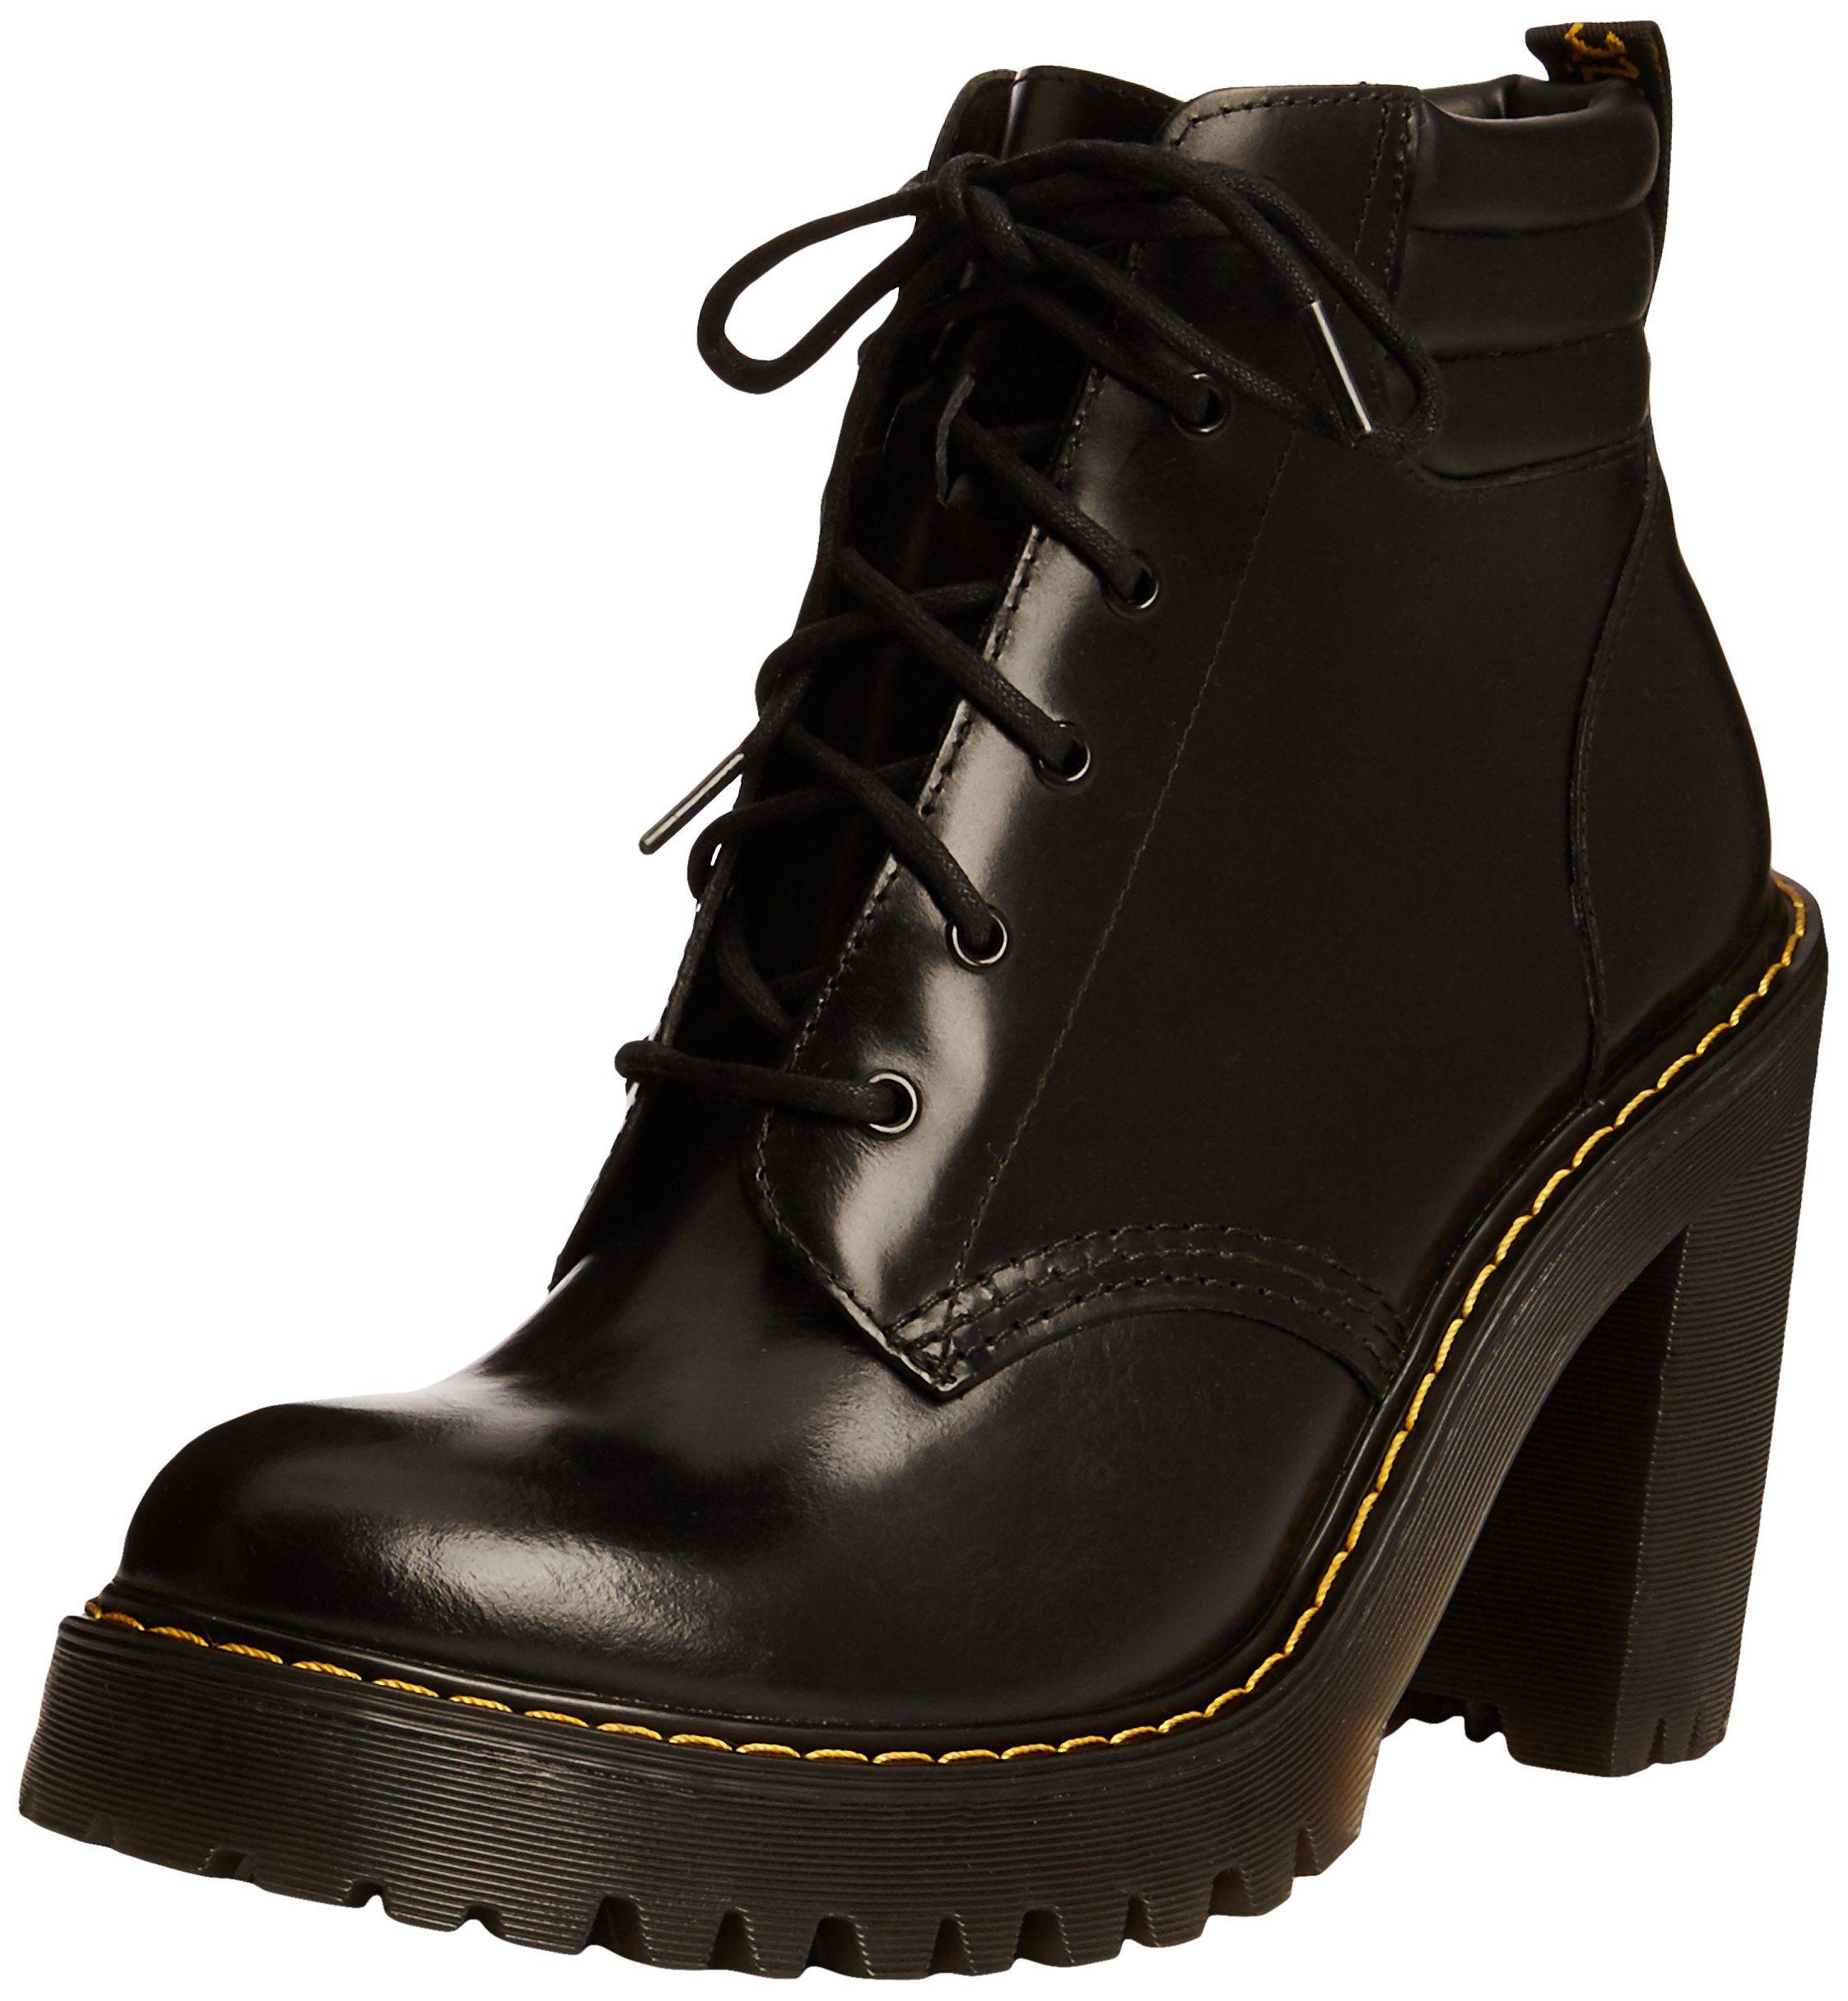 e5d5cc143fb Dr. Martens Women s Persephone Heeled Boot